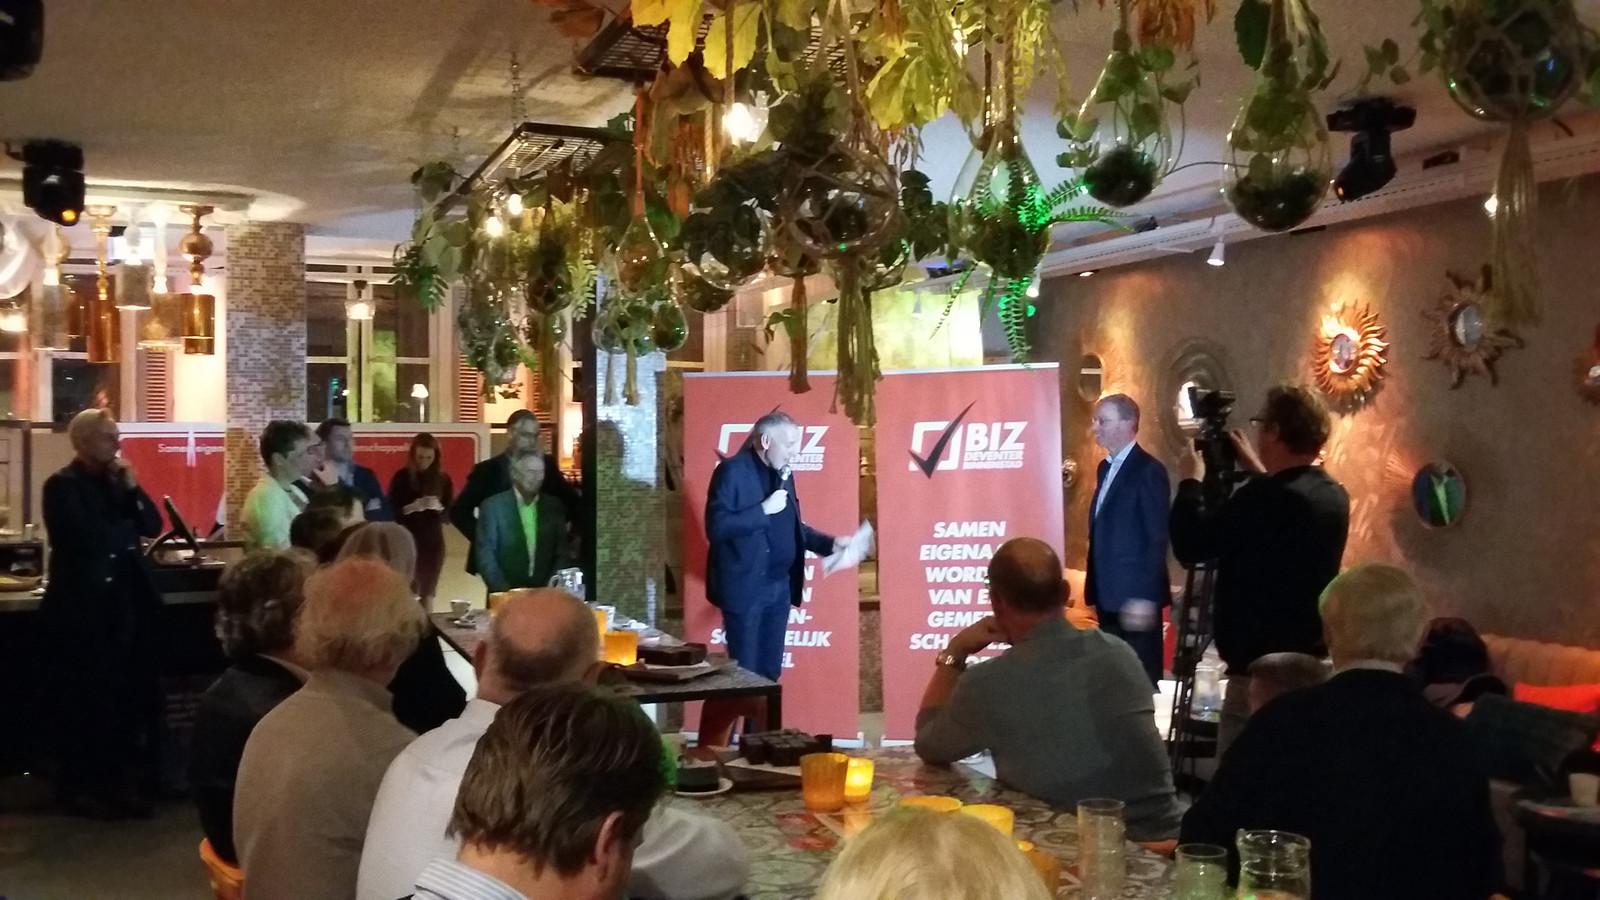 Deventer binnenstadsmanager Peter Brouwer ligt in een uitgelaten St. Tropez aan de Brink de uitslag van de stemming voor het binnenstadsfonds toe. Een meerderheid van ondernemers en vastgoedeigenaren heeft voor het instellen van het fonds gestemd, bleek vanavond.